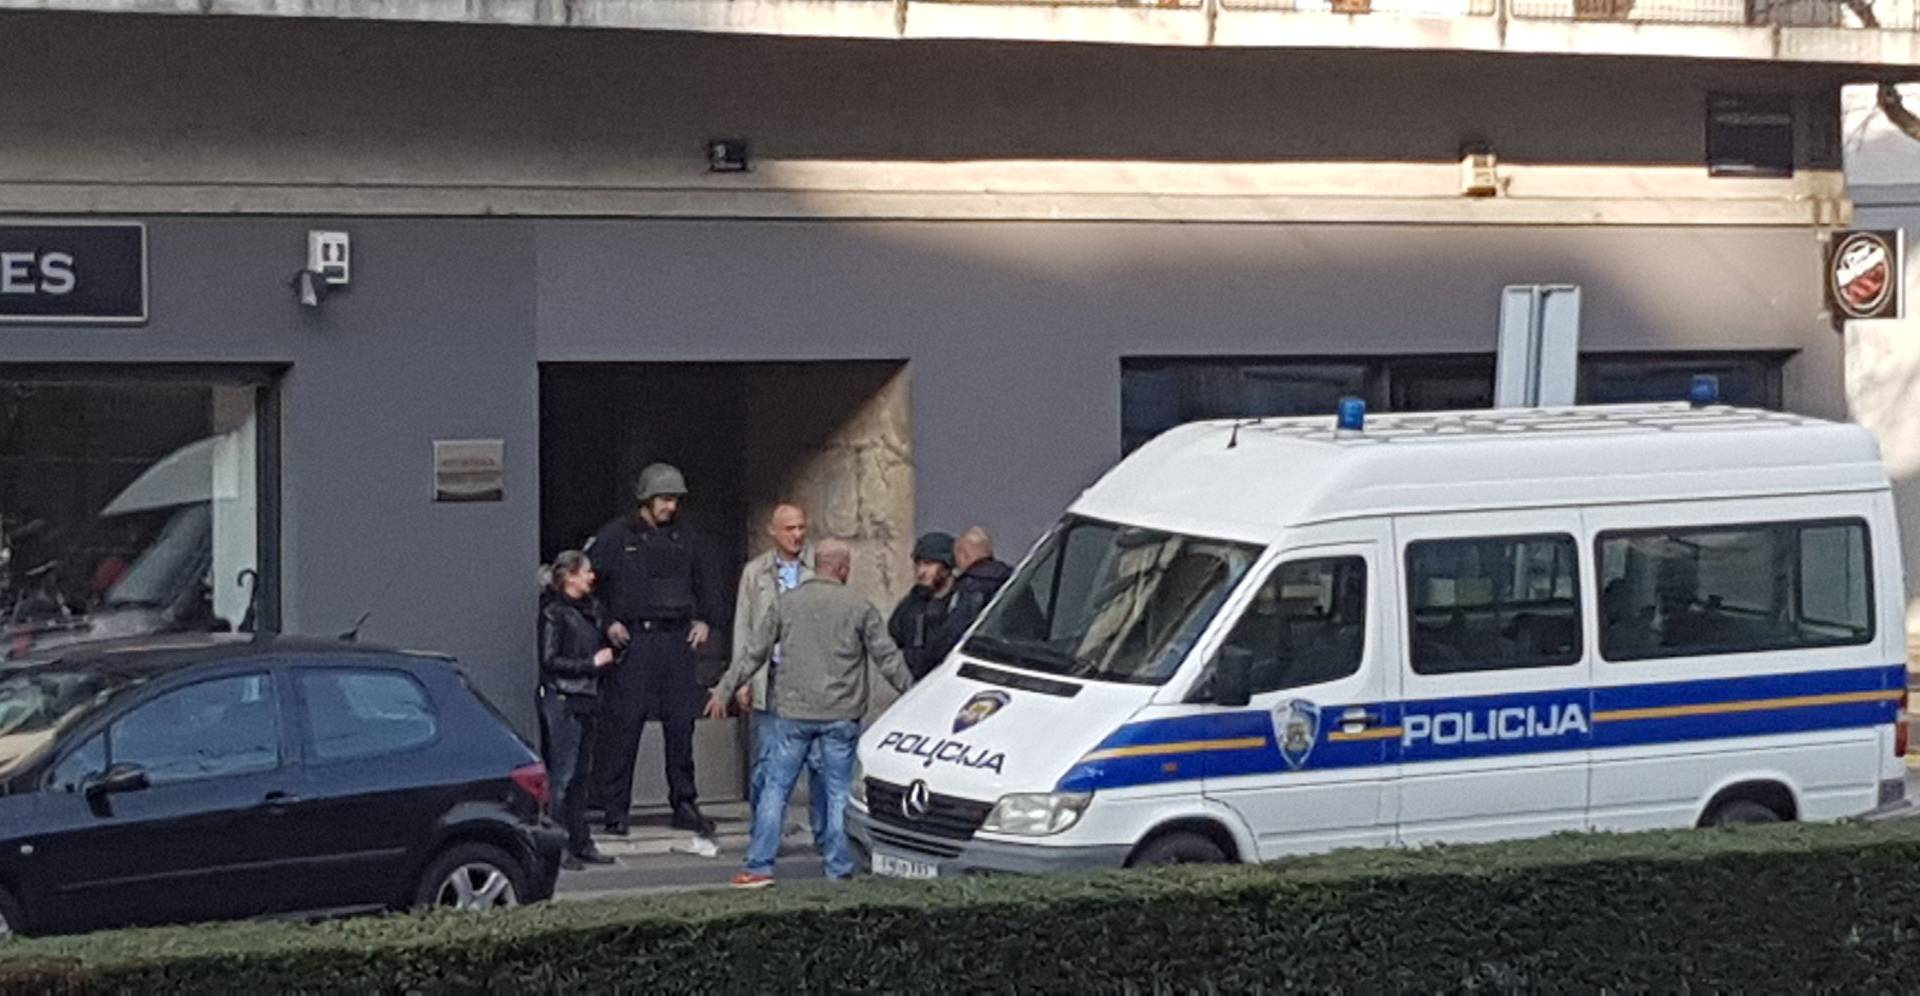 Po cesti nosio pušku? Policija privela muškarca u Bauerovoj